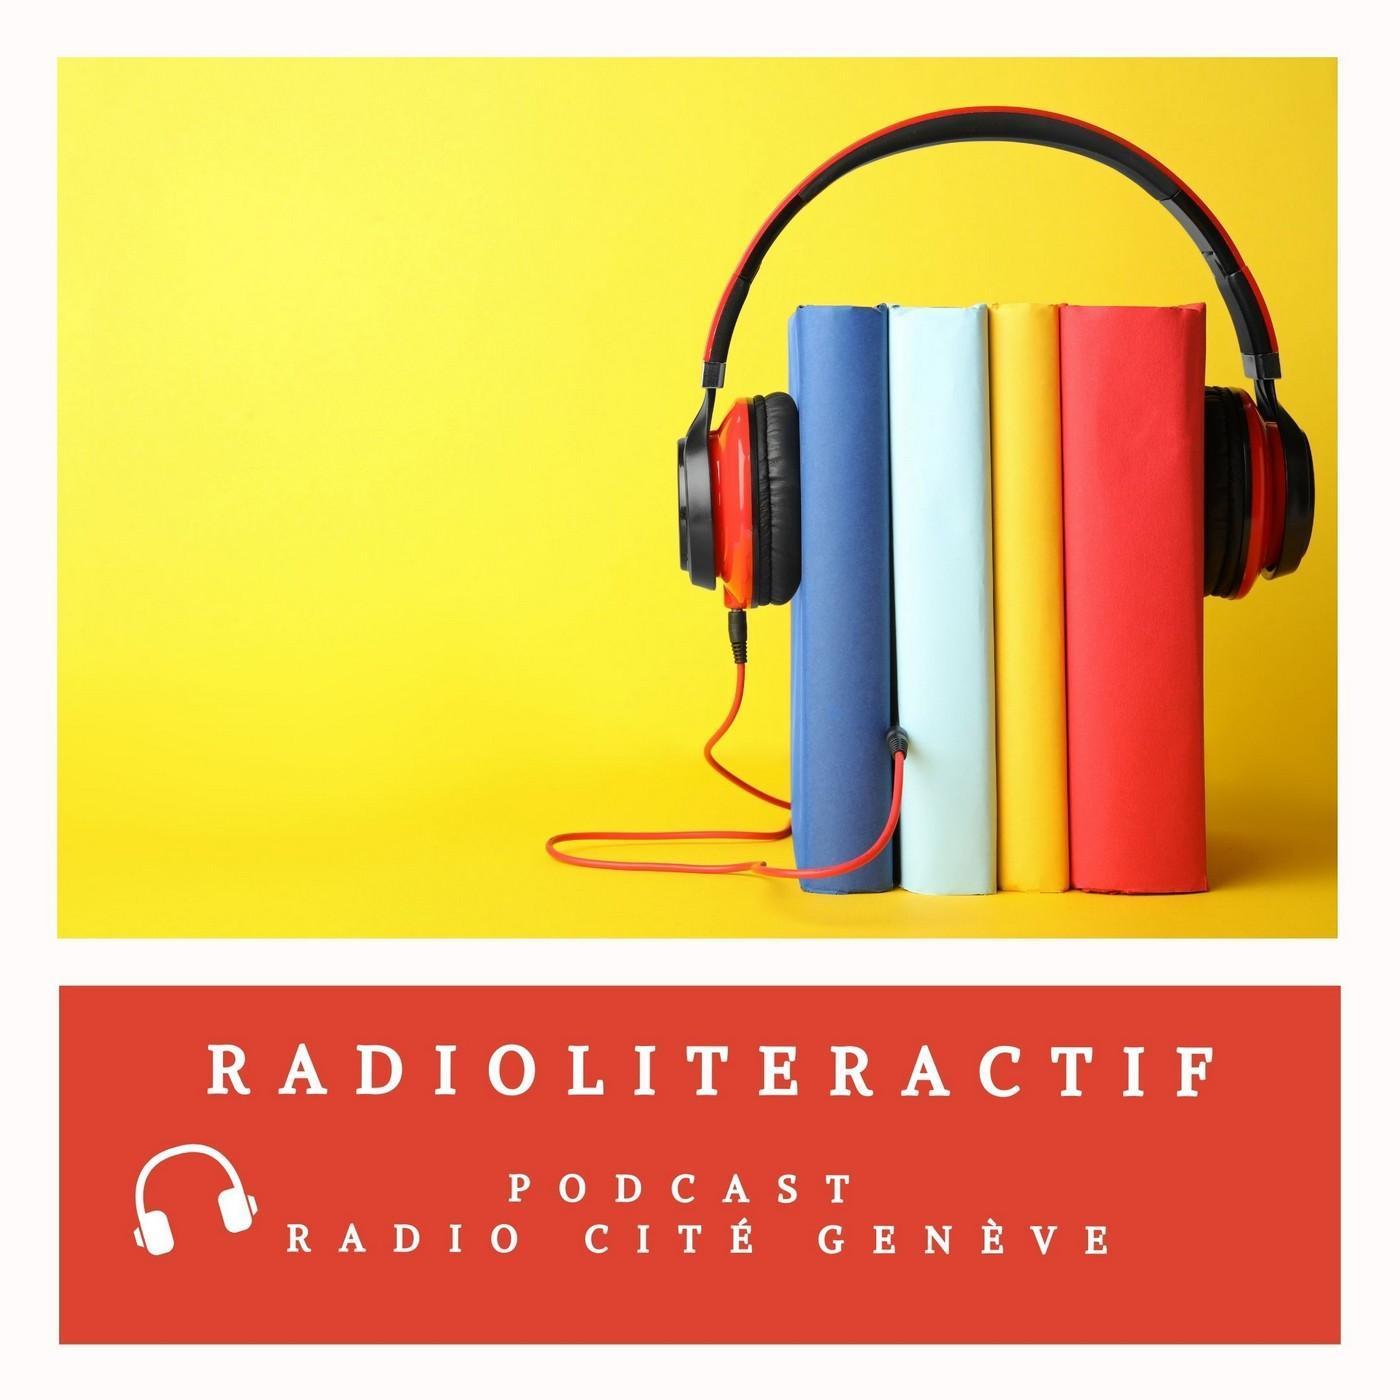 Radioliteractif du 07/06/2021 - Dominique Fournier